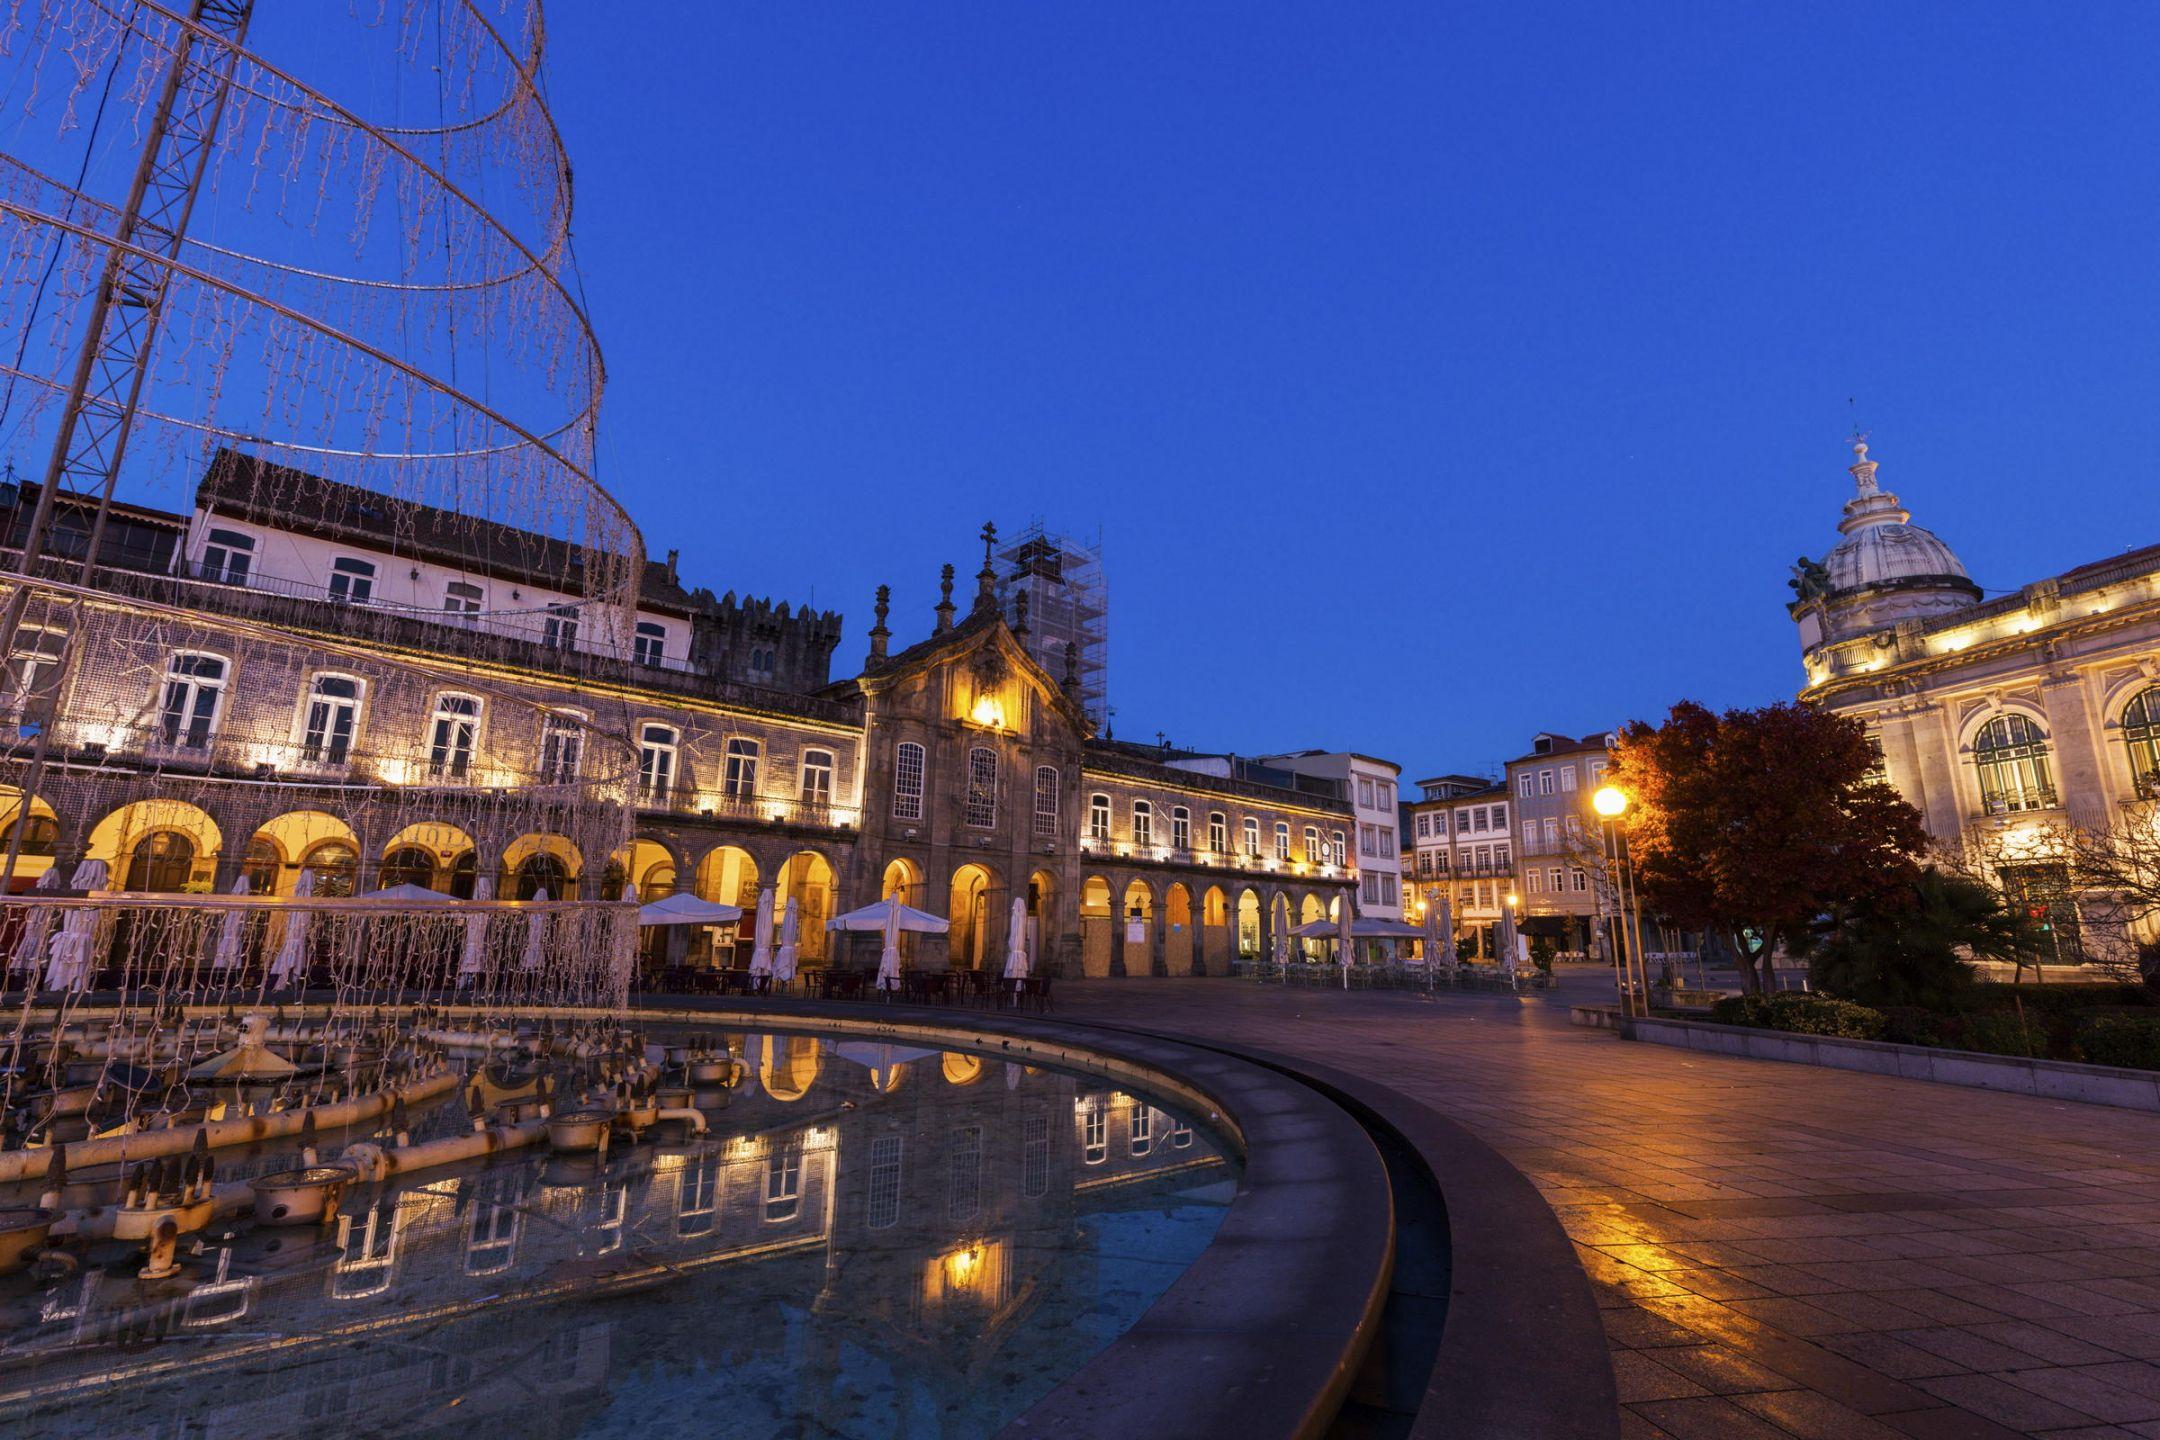 Η επικράτεια της Πορτογαλίας περιλαμβάνει το νοτιοδυτικό τμήμα της Ιβηρικής Χερσονήσου και δύο αρχιπελάγη στον Ατλαντικό, τη Μαδέιρα και τις Αζόρες.